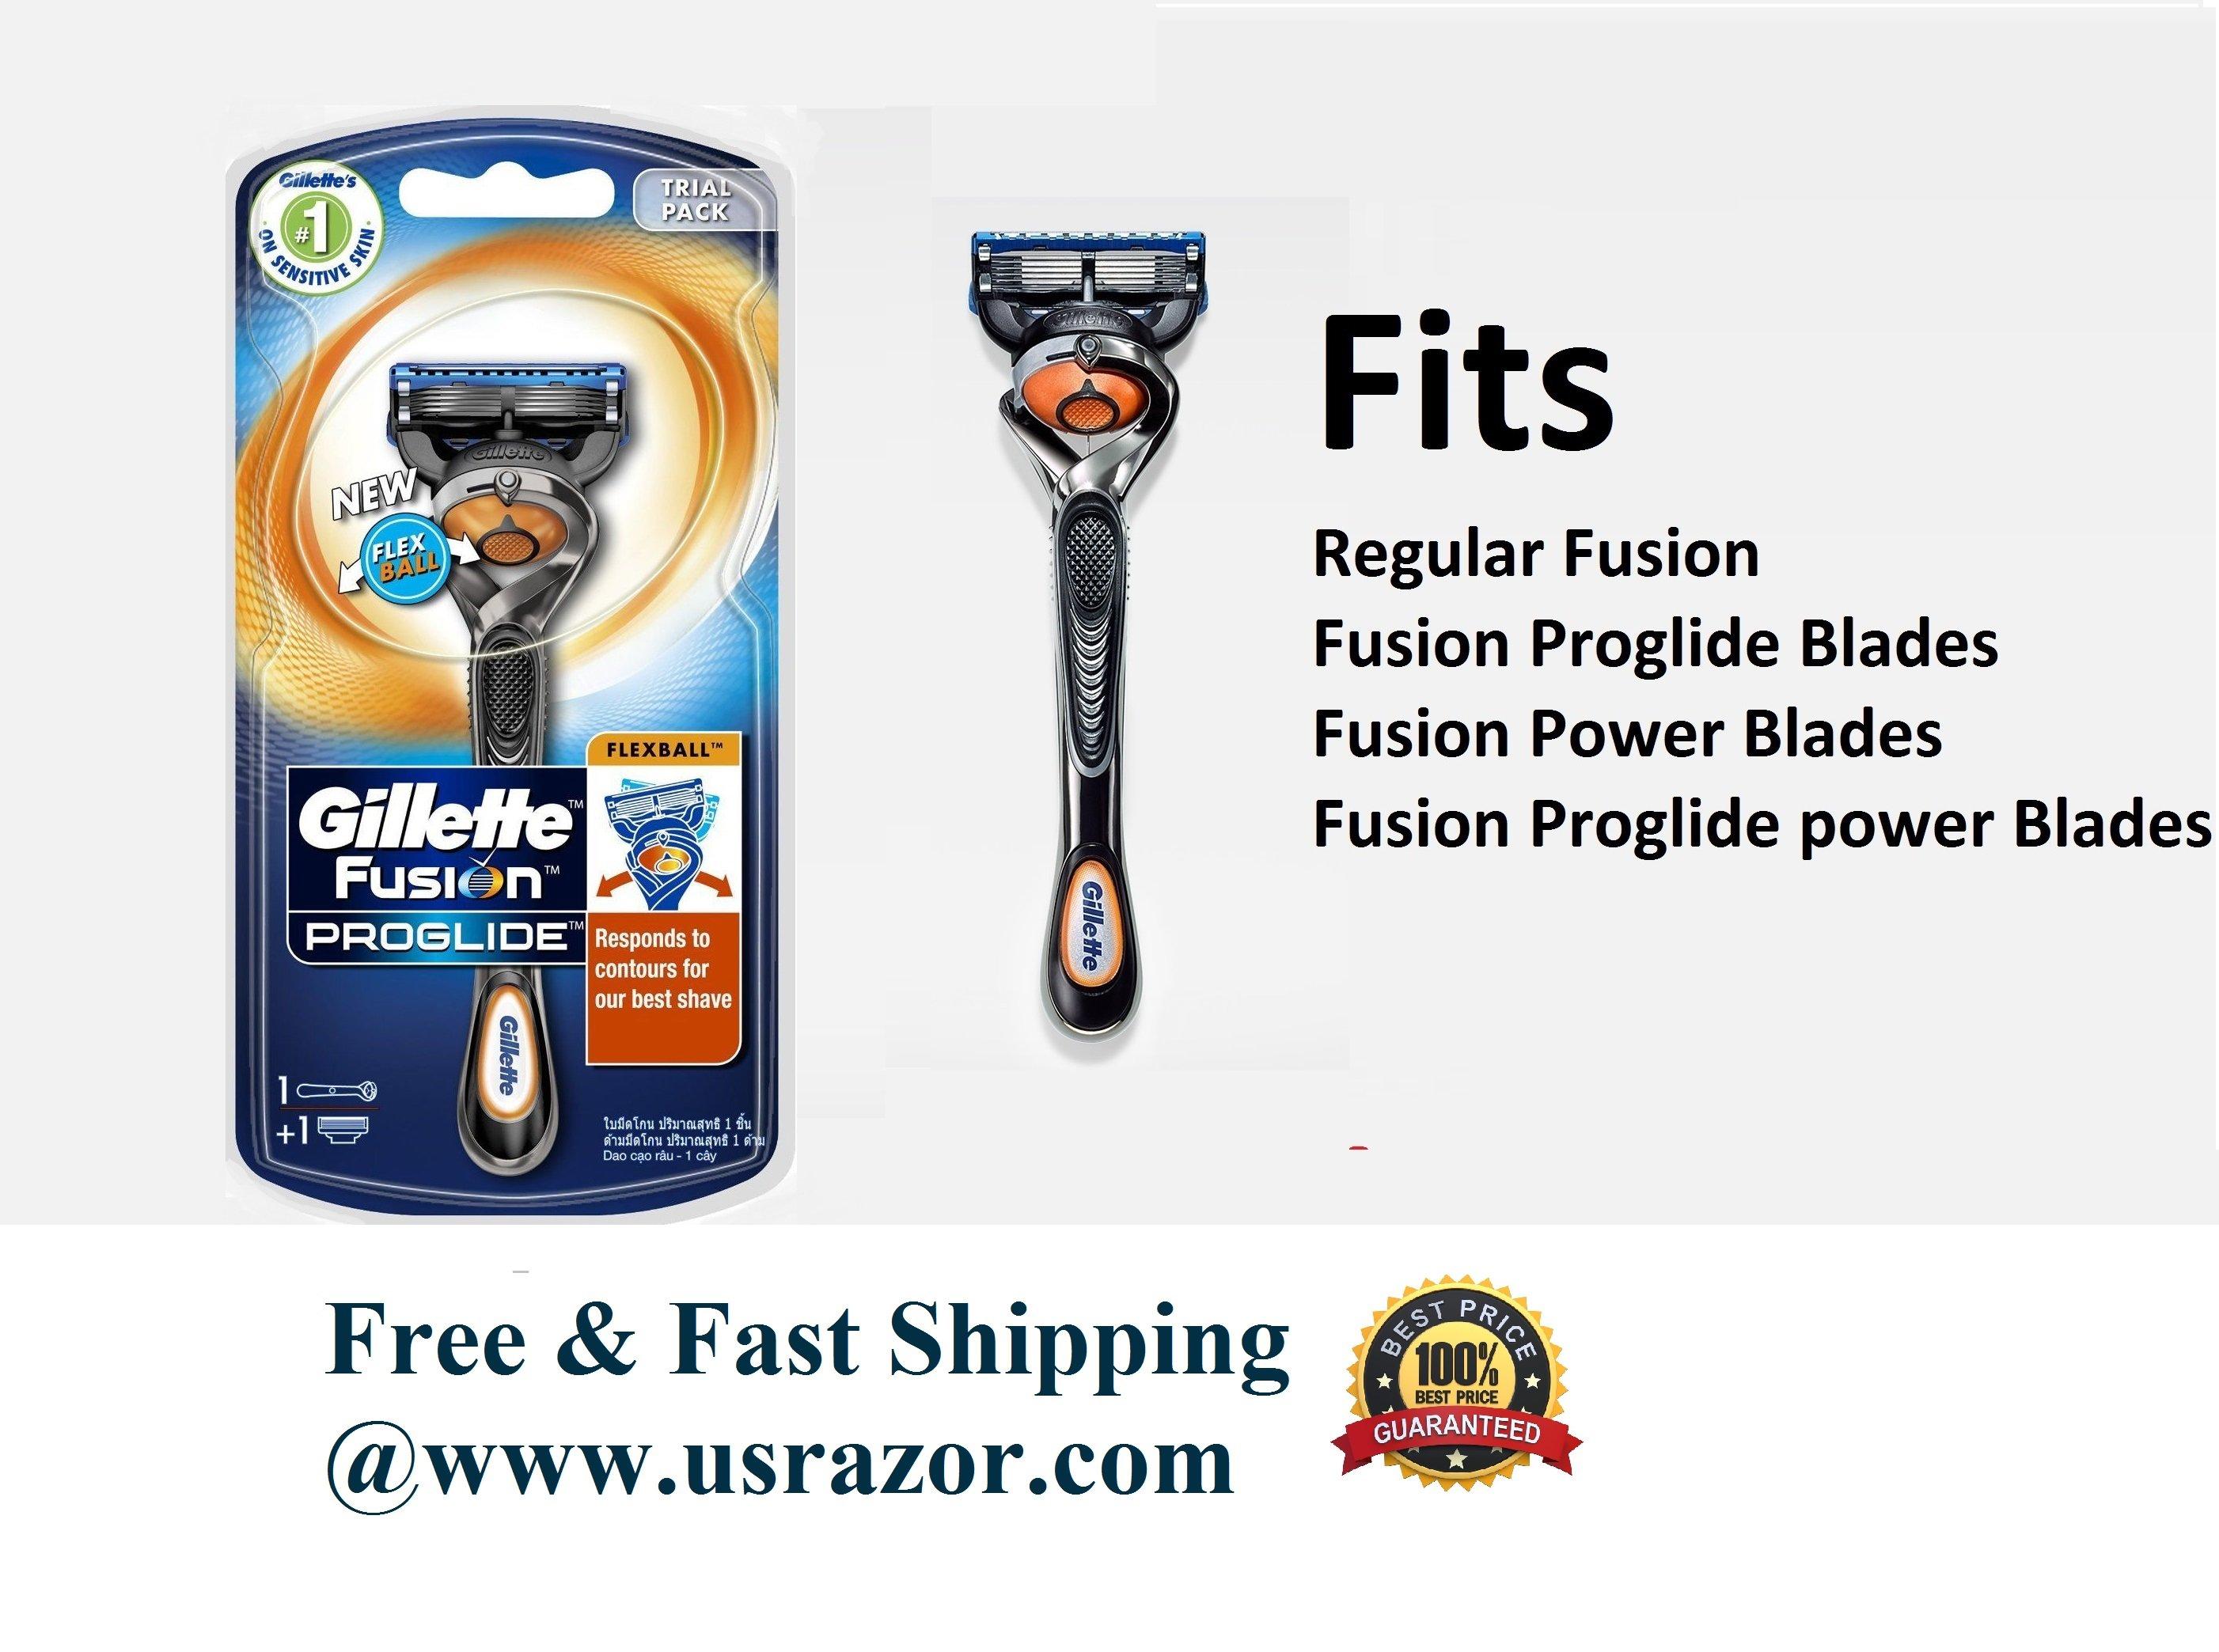 Gillette fusion proglide manual razor with flexball technology - Gillette Fusion Proglide Manual Razor With Flexball Technology 14